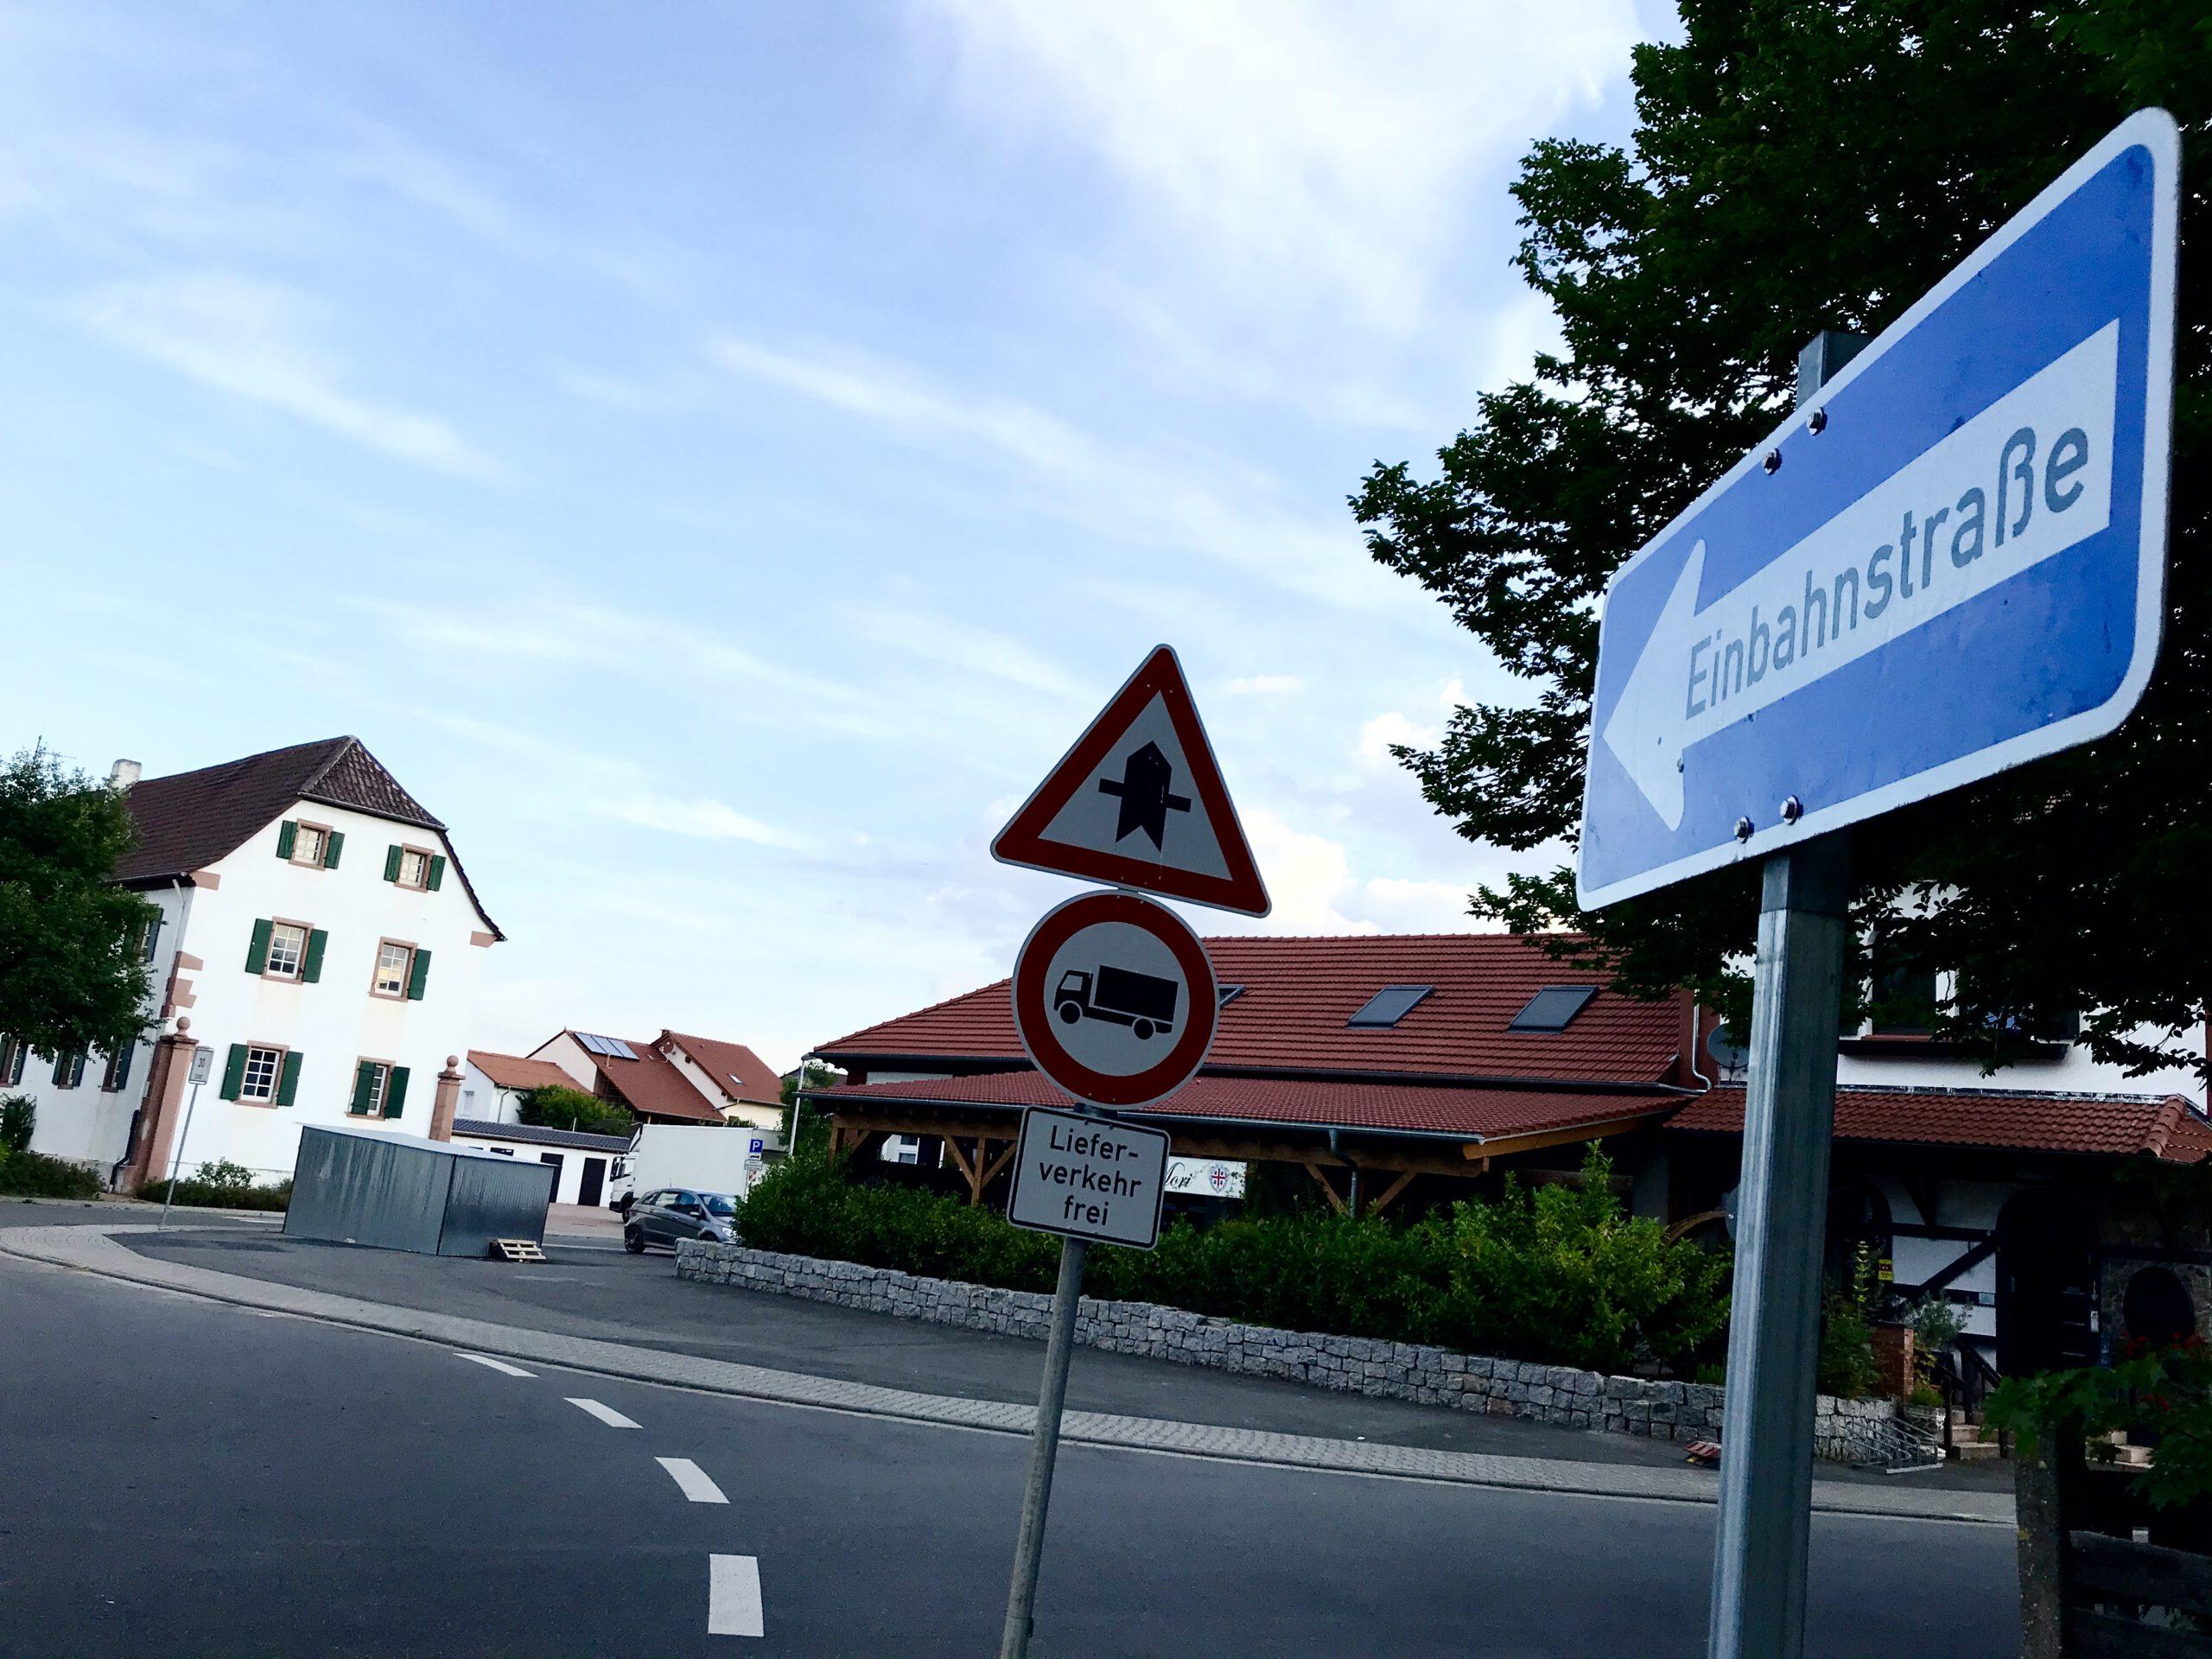 Seitenweg der L3110 vorübergehend Einbahnstraße.